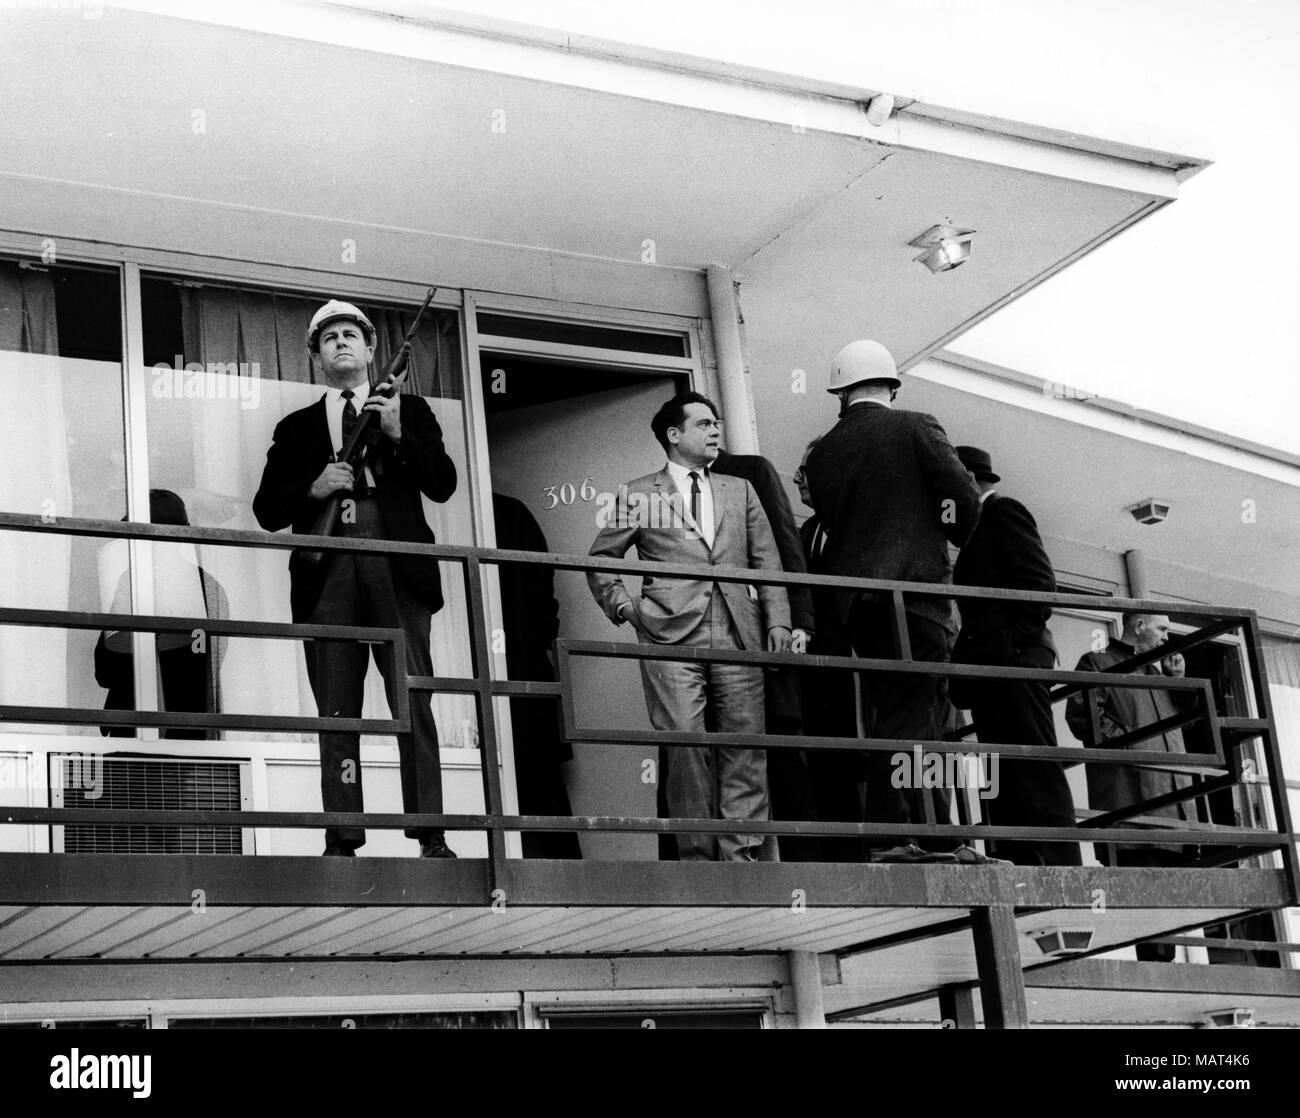 File. 4 apr, 2018. Il reverendo Martin Luther King Jr. è stato fatalmente di colpo da J. Earl Ray a 6:01 p.m., 4 aprile 1968, come egli si fermò sul secondo piano balcone del Lorraine Hotel a Memphis, Tennessee. Nella foto: 4 aprile 1968 - Memphis, Tennessee, Stati Uniti - Il balcone della camera #306 del Lorraine Motel a Memphis, Tennessee, dove il Reverendo Martin Luther King Jr è stato ucciso il 4 aprile 1968. (Credito Immagine: © Keystone Press Agency/Keystone USA via ZUMAPRESS.com) Foto Stock